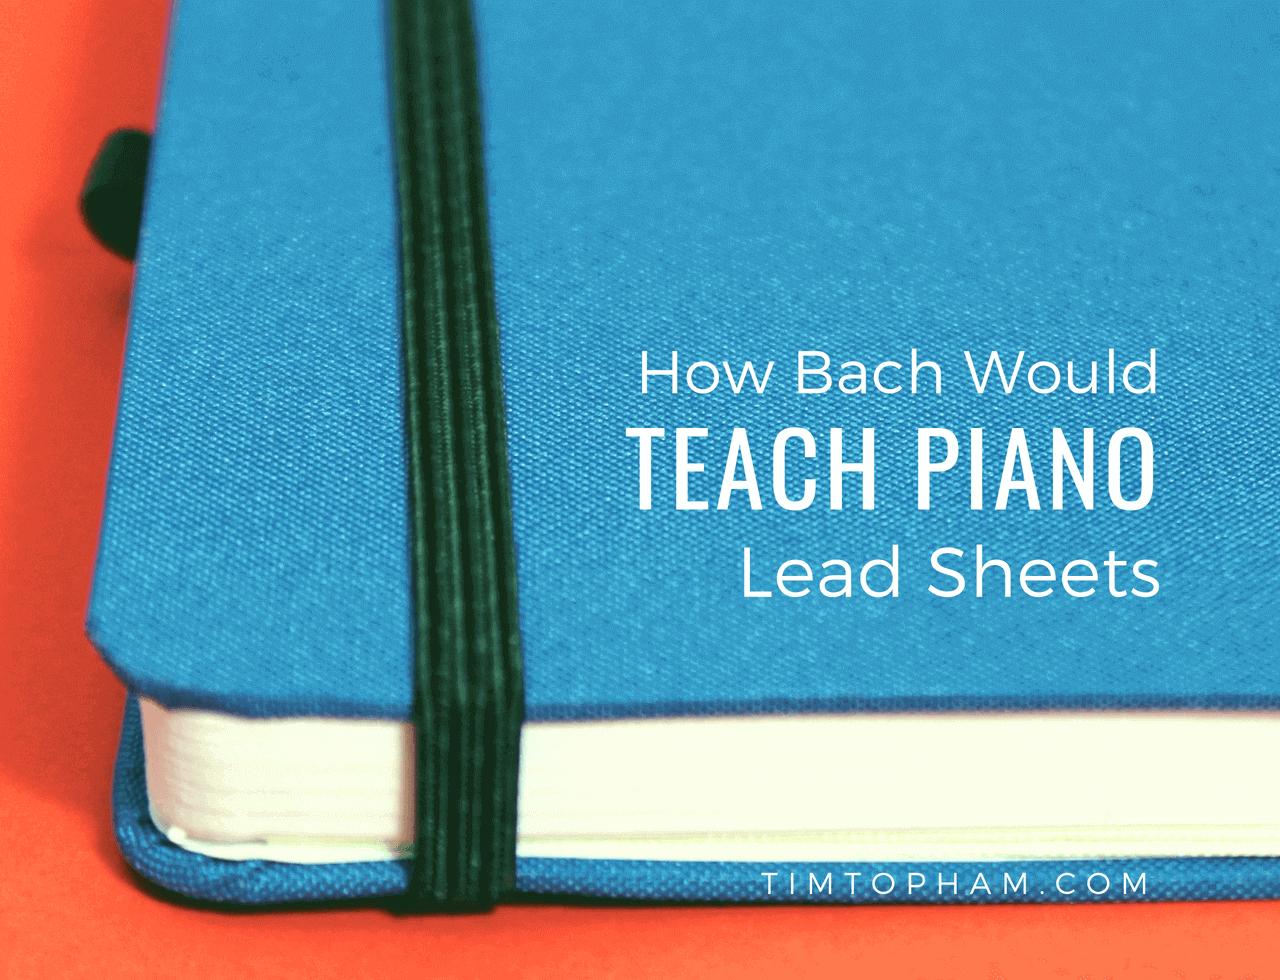 Bach teach piano lead sheets